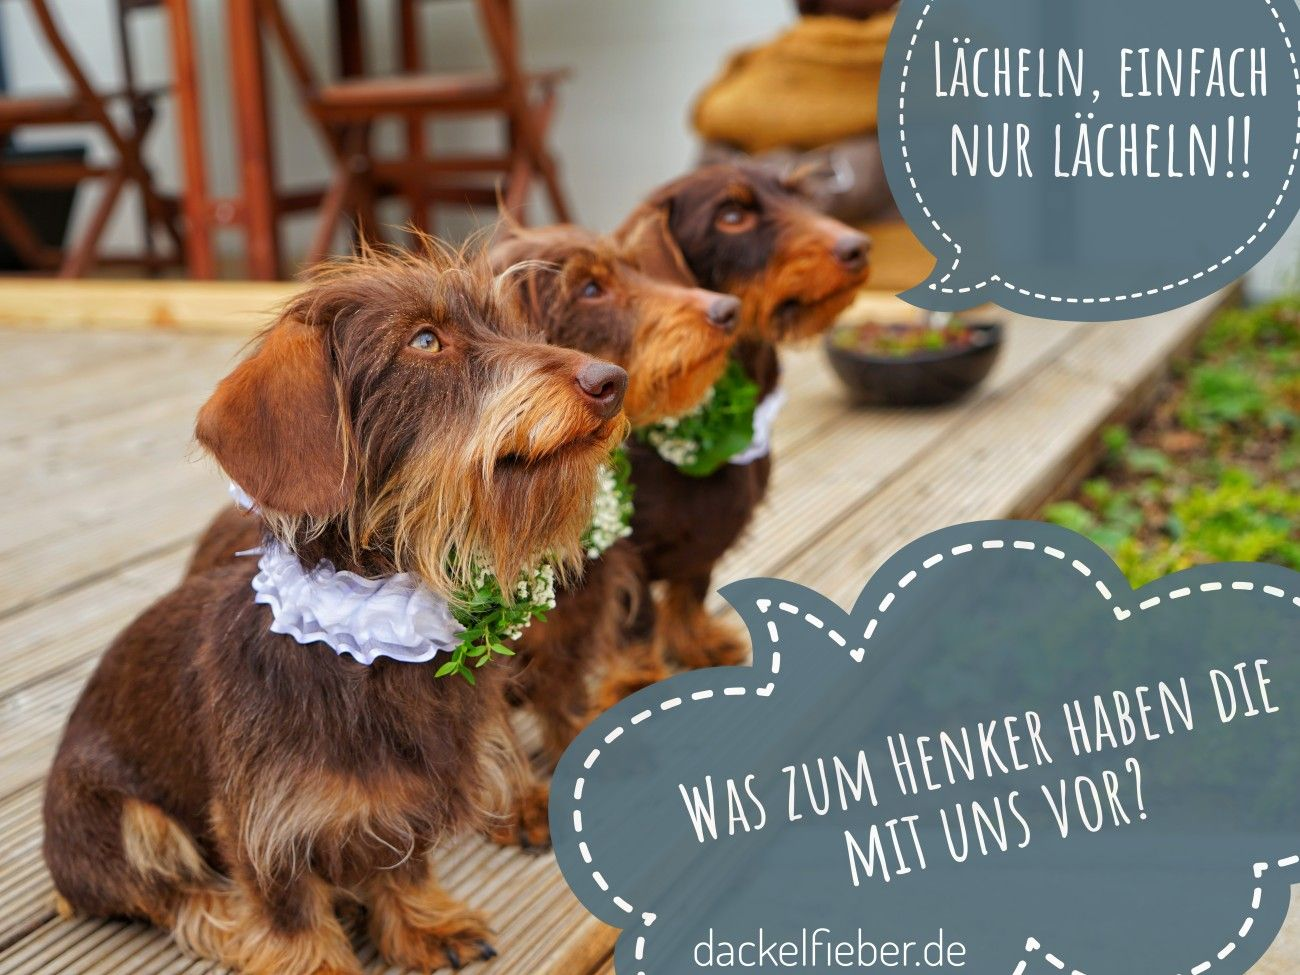 Unsere Trauzeugen Herrchen Und Frauchen Haben Ja Gesagt Dackel Langhaardackel Rauhaardackel